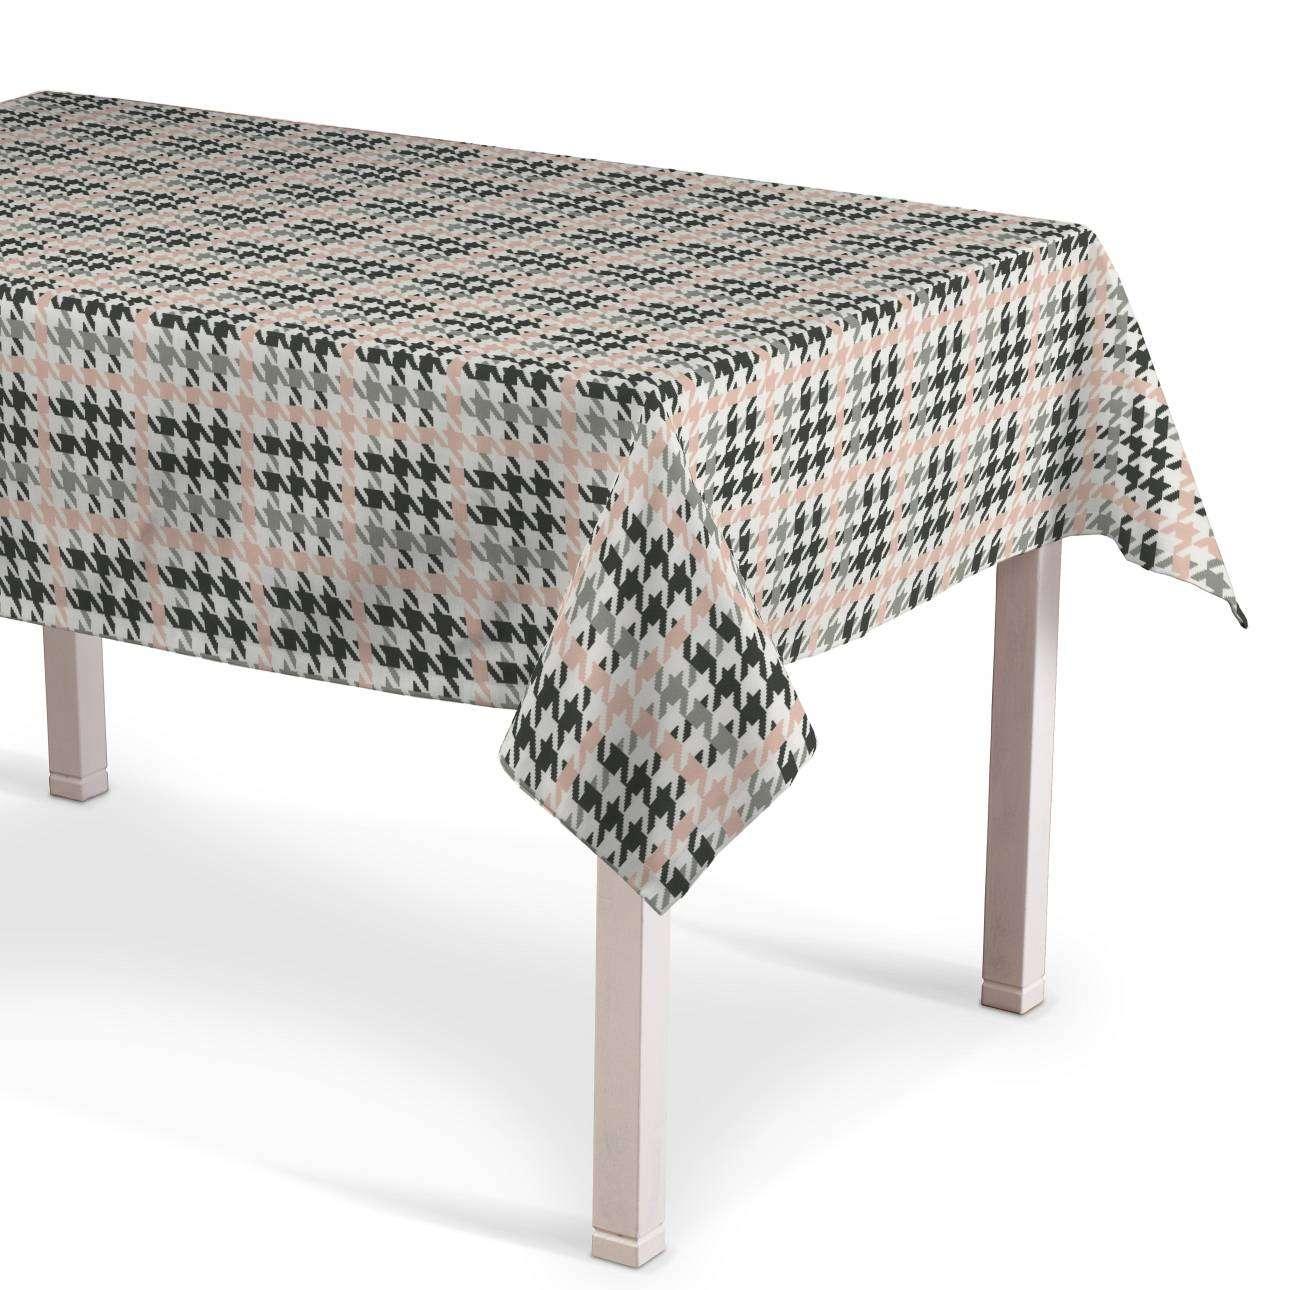 Asztalterítő téglalap alakú a kollekcióból SALE, Dekoranyag: 137-75